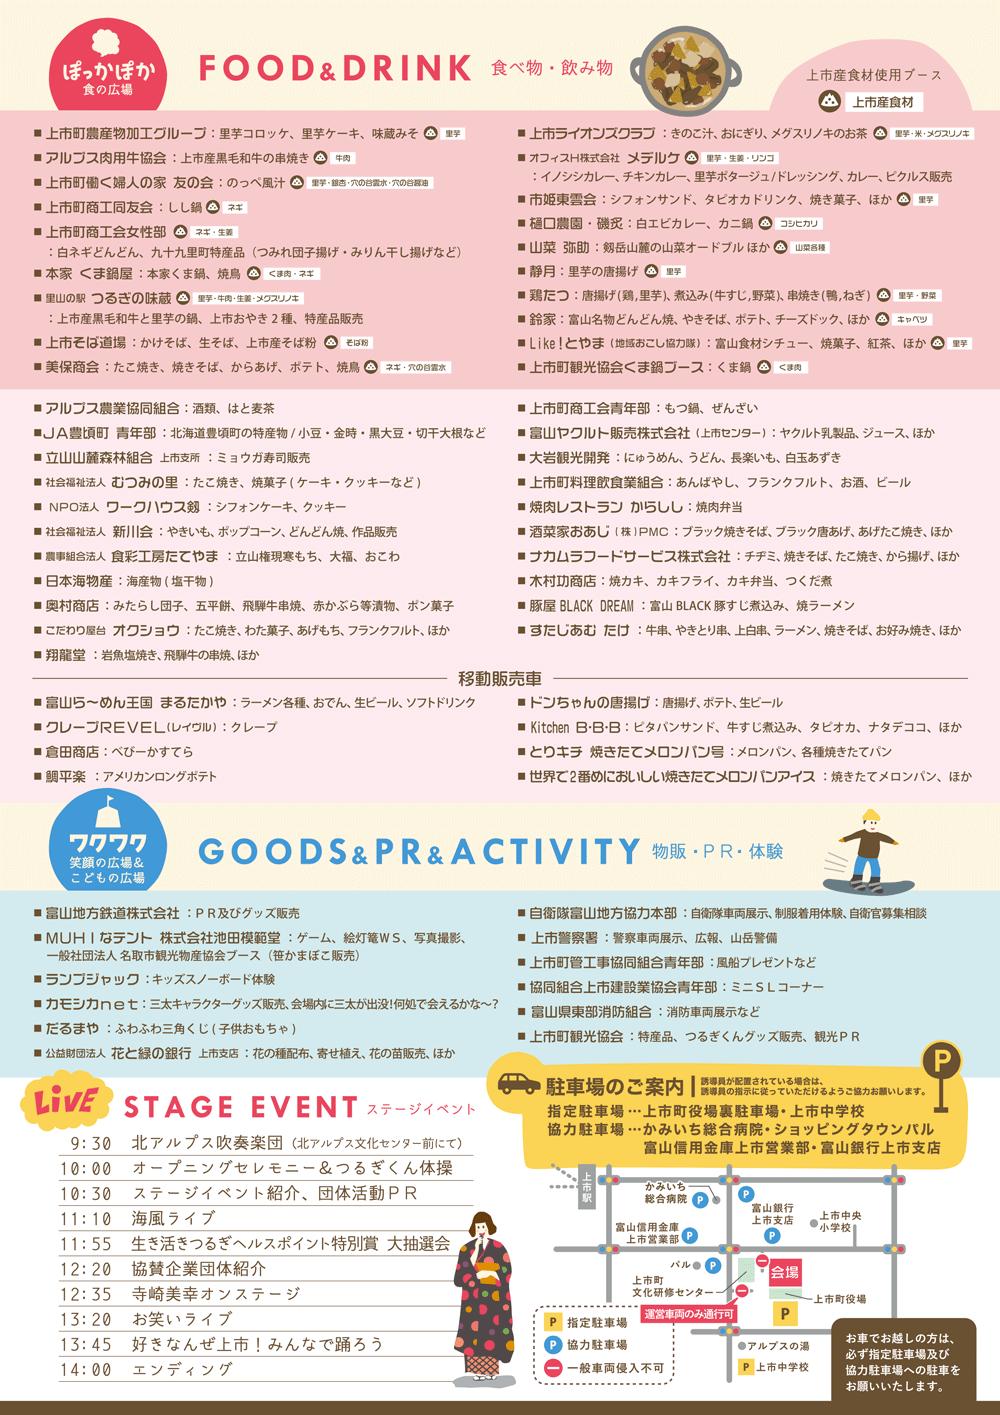 【第33回剱岳雪のフェスティバル2020】のイベント内容チラシ